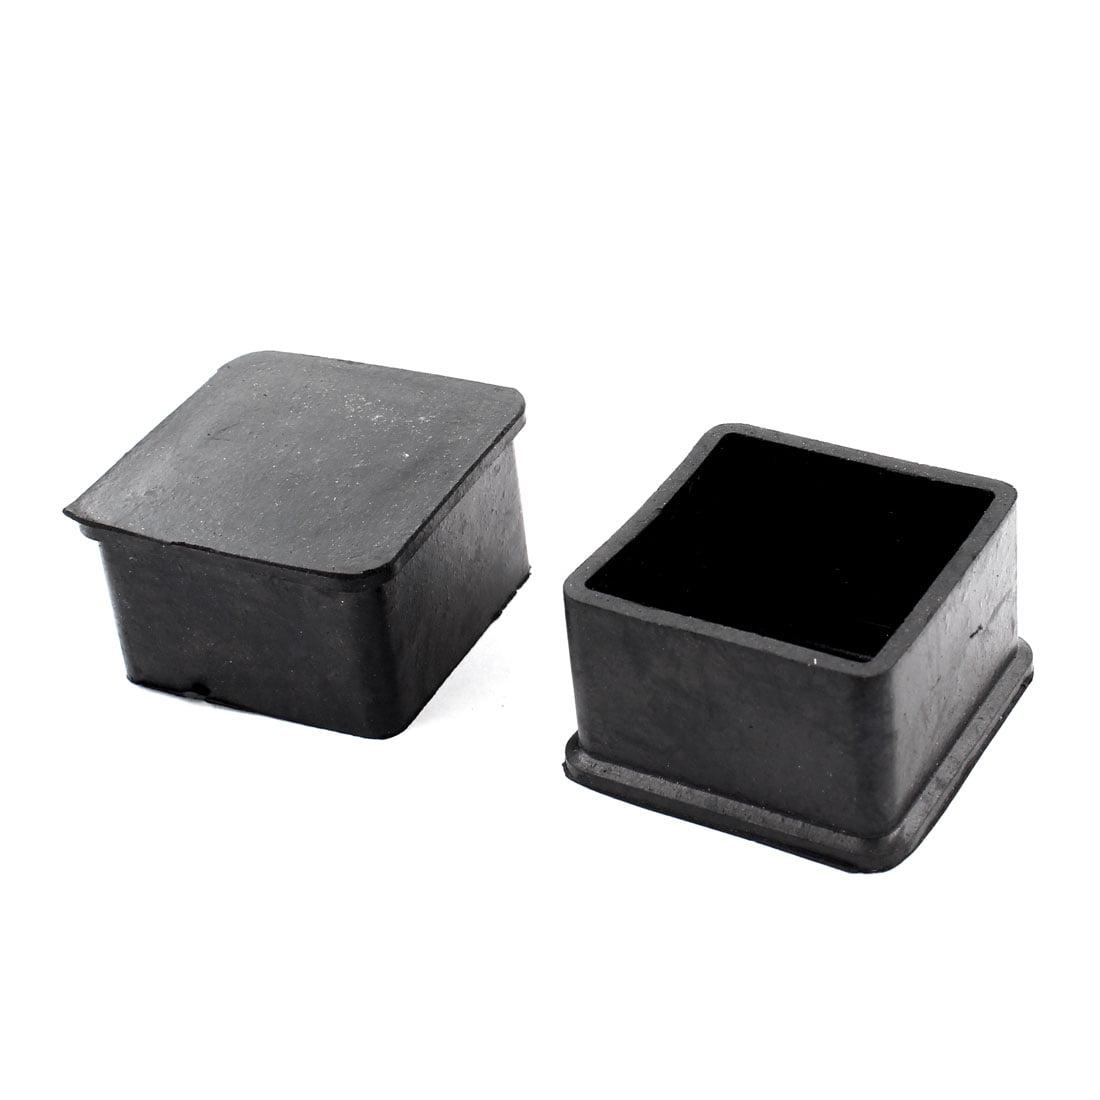 Unique Bargains 2pcs Home Chair Furniture Feet Ferrule Square Rubber